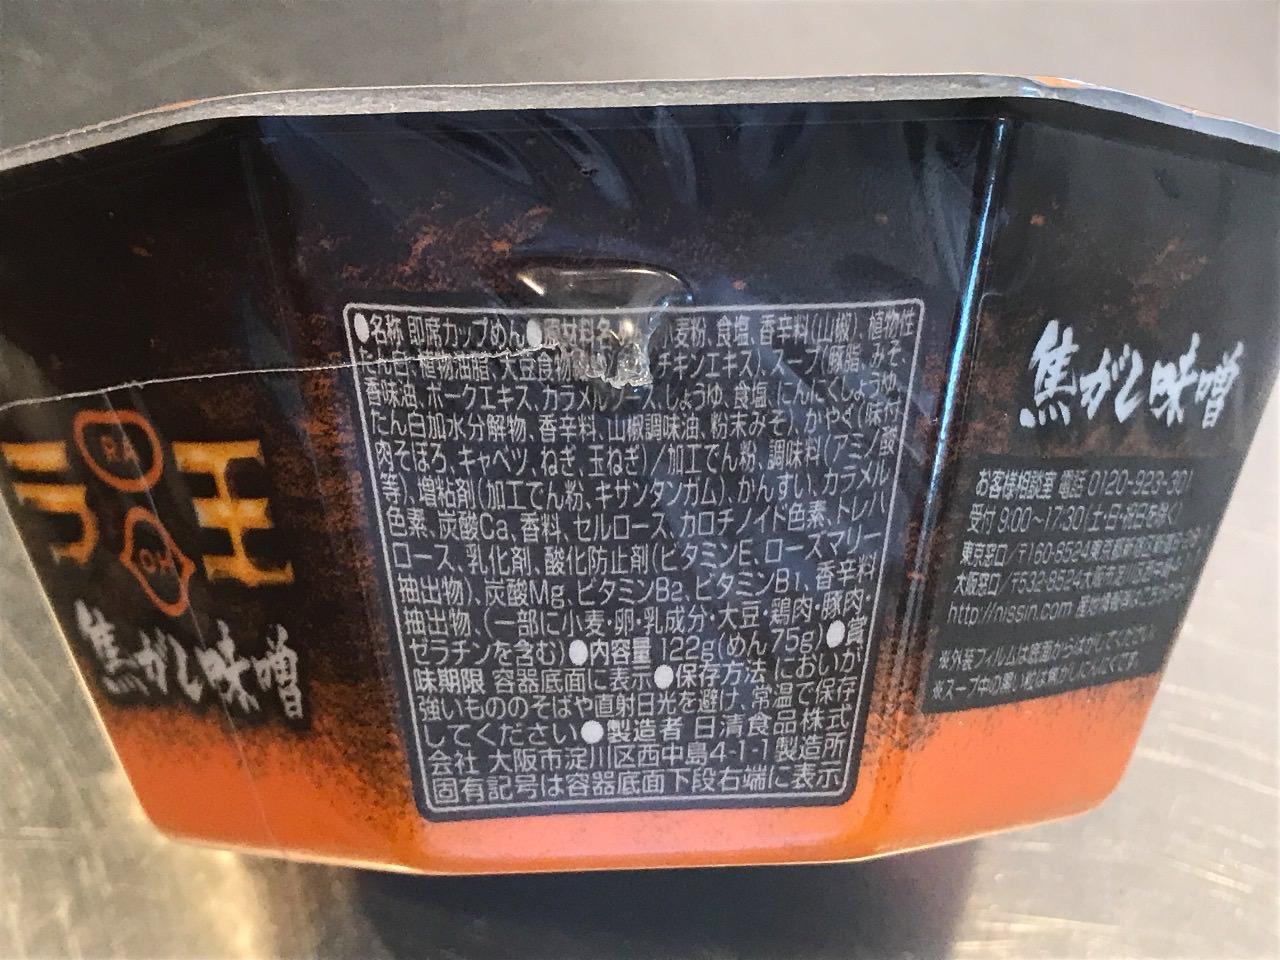 ラ王 焦がし味噌 原材料